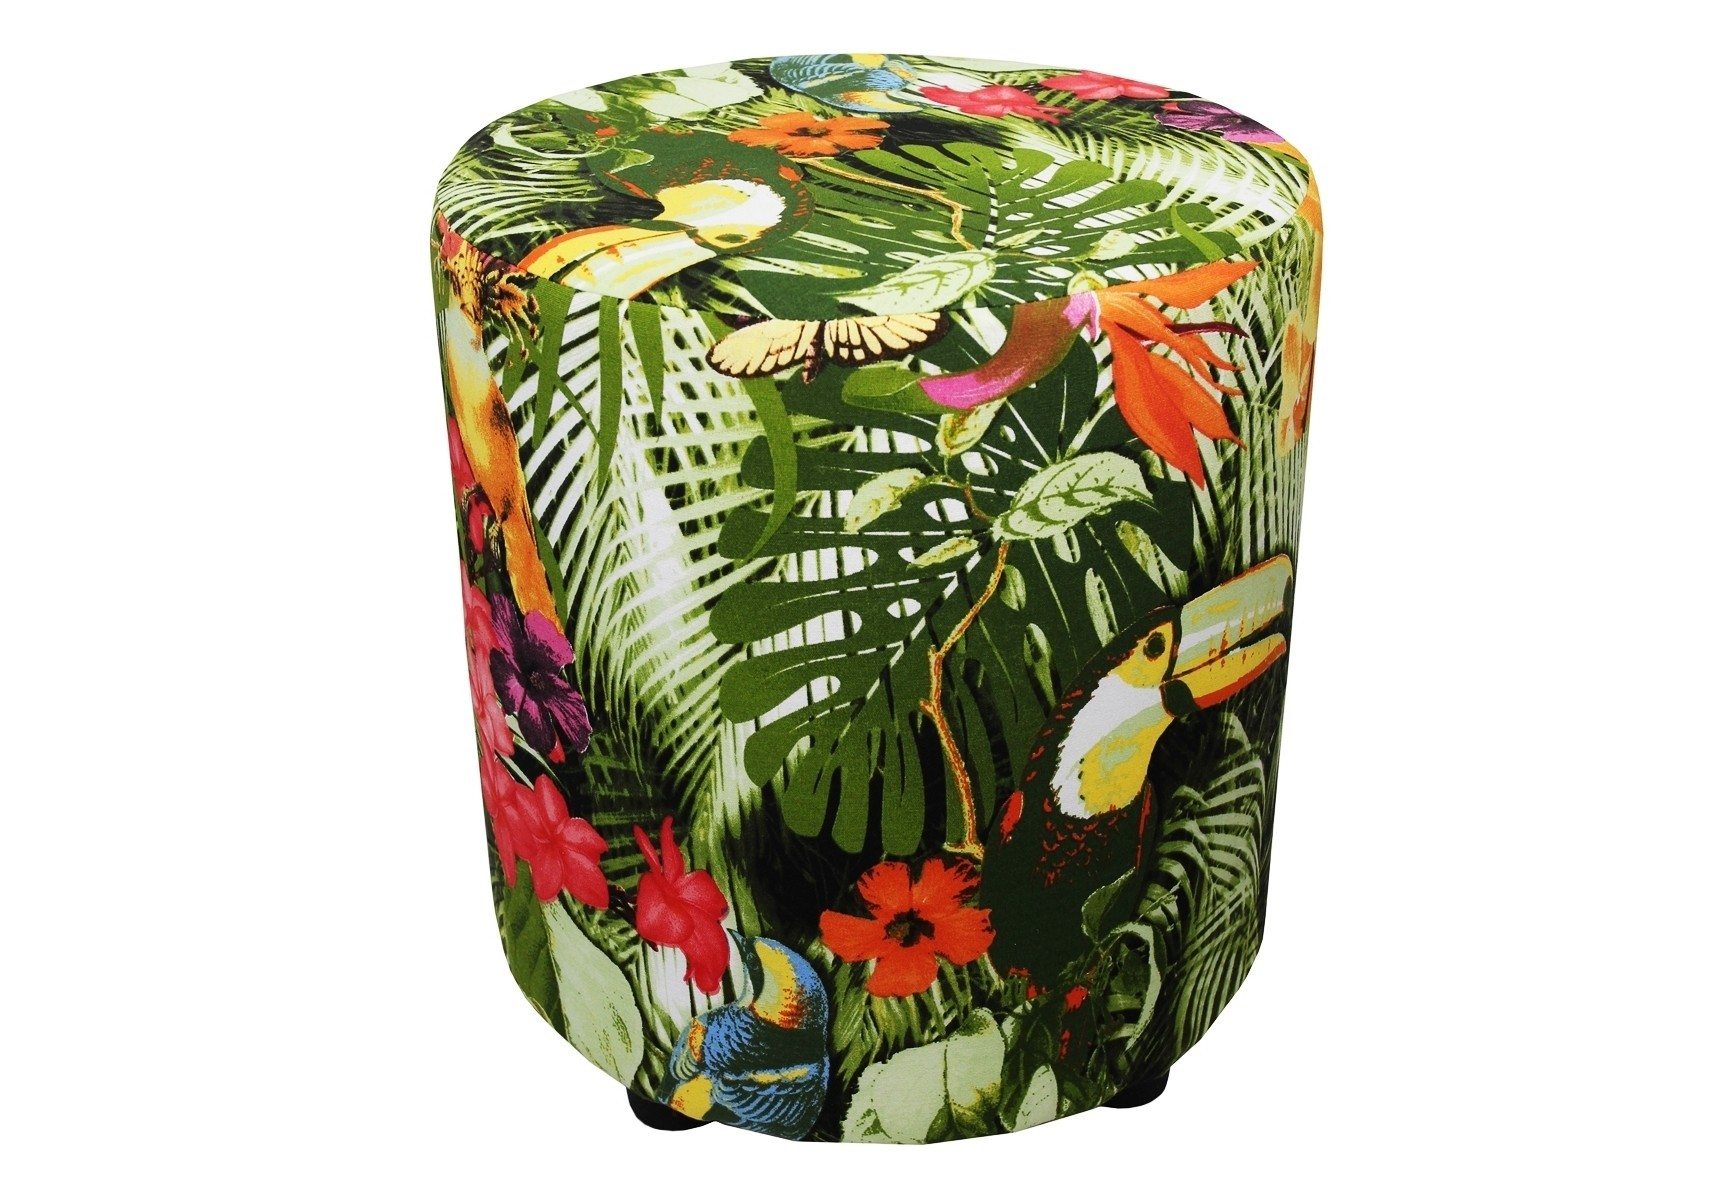 Круглый пуфФорменные пуфы<br>Очень устойчивый пуф на деревянной основе статнет незаменимым предметом декора или функциональной мебелью в вашем доме. А эксклюзивные ткани добавят изюминку в ваше пространство.<br><br>Material: Текстиль<br>Высота см: 40